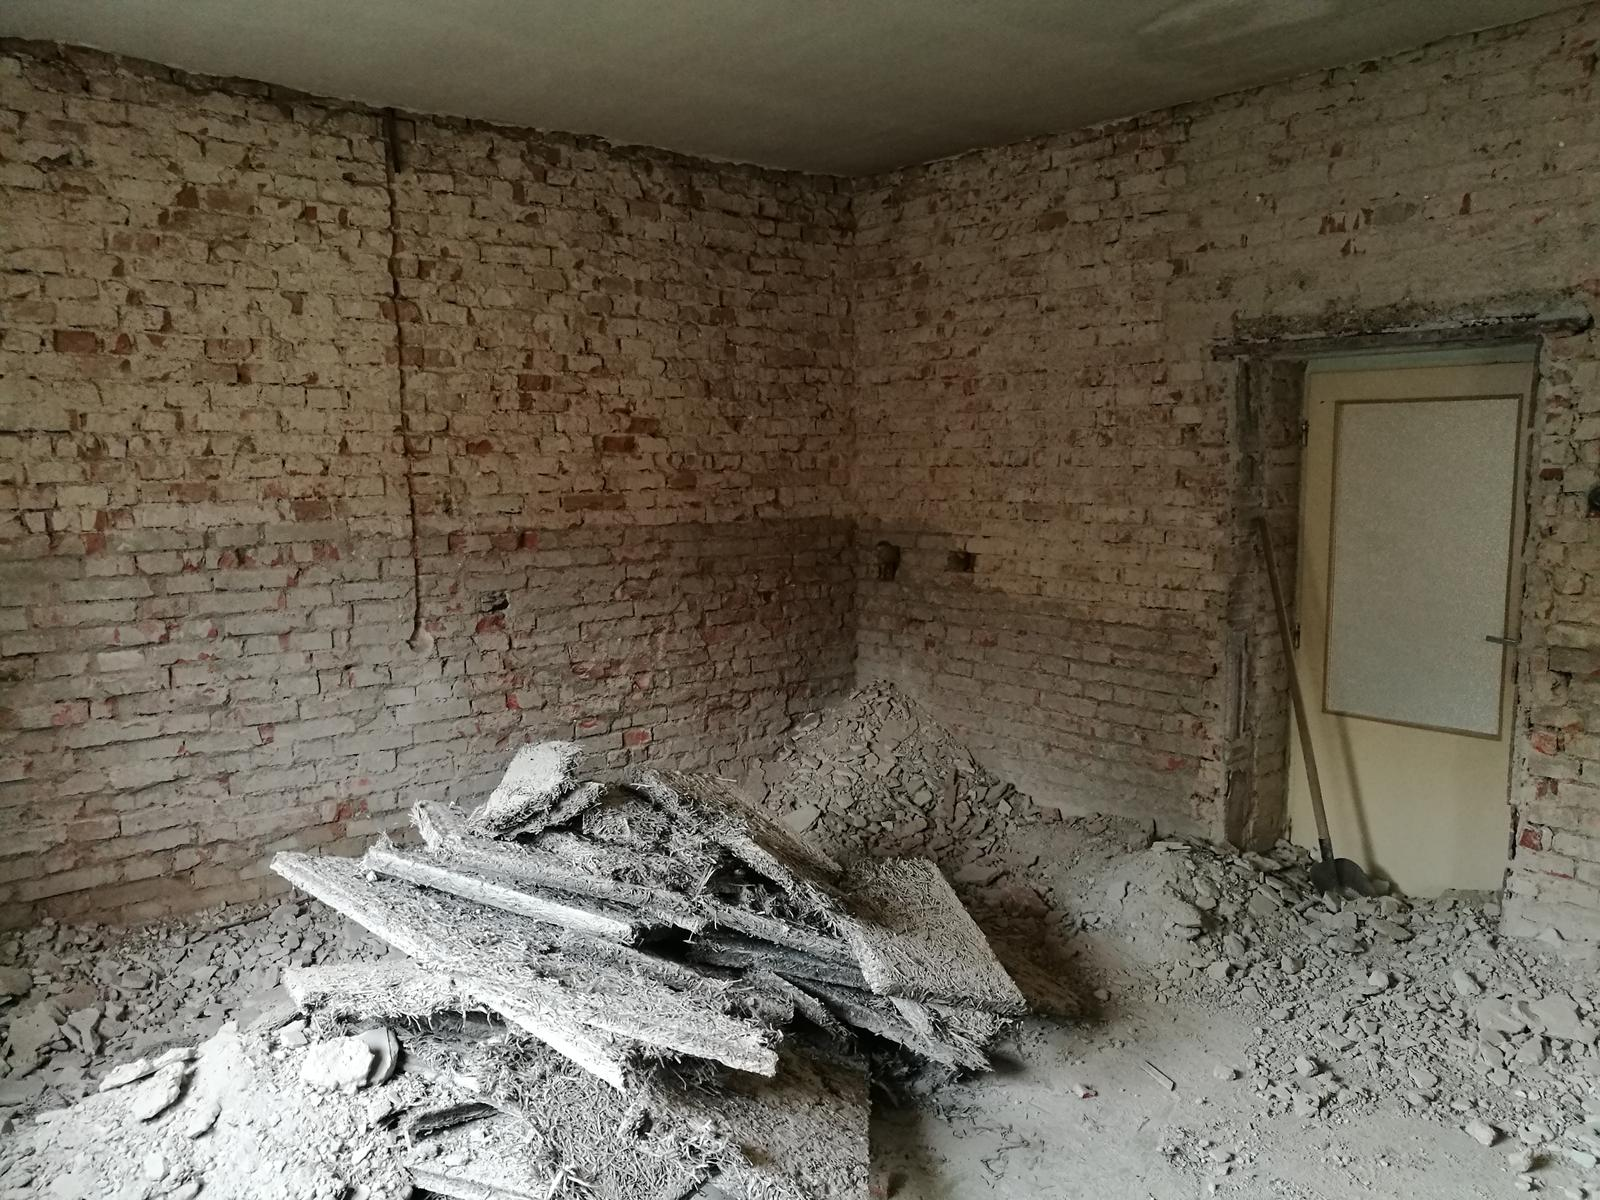 Náš budúci domov - rekonštrukcia rodinného domu - Obrázok č. 36